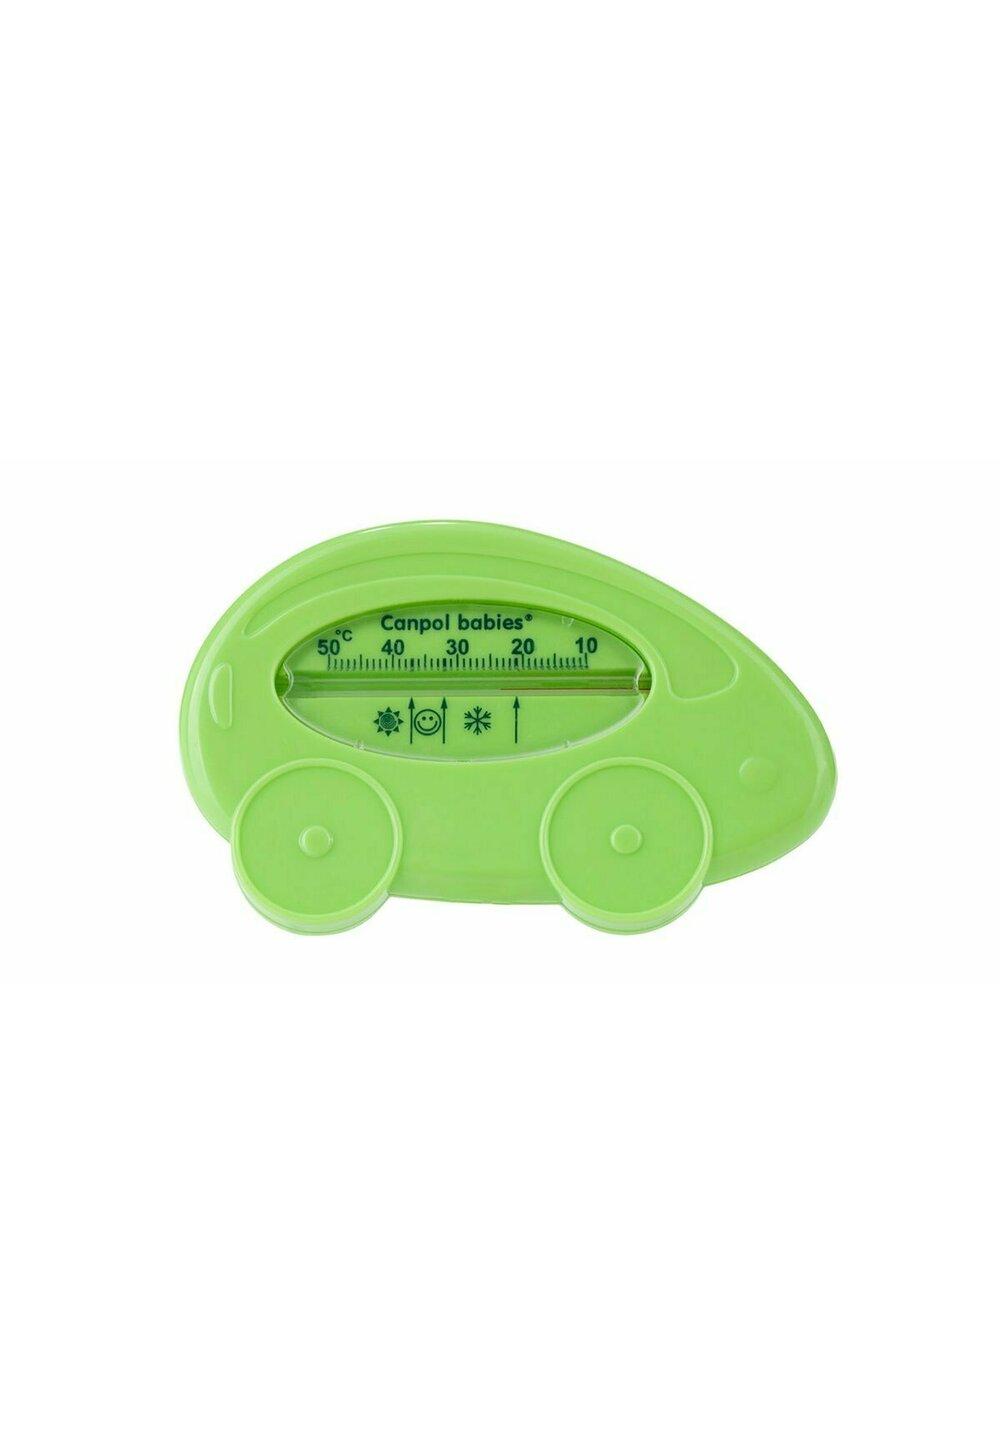 Termometru pentru baie, masinuta, verde imagine